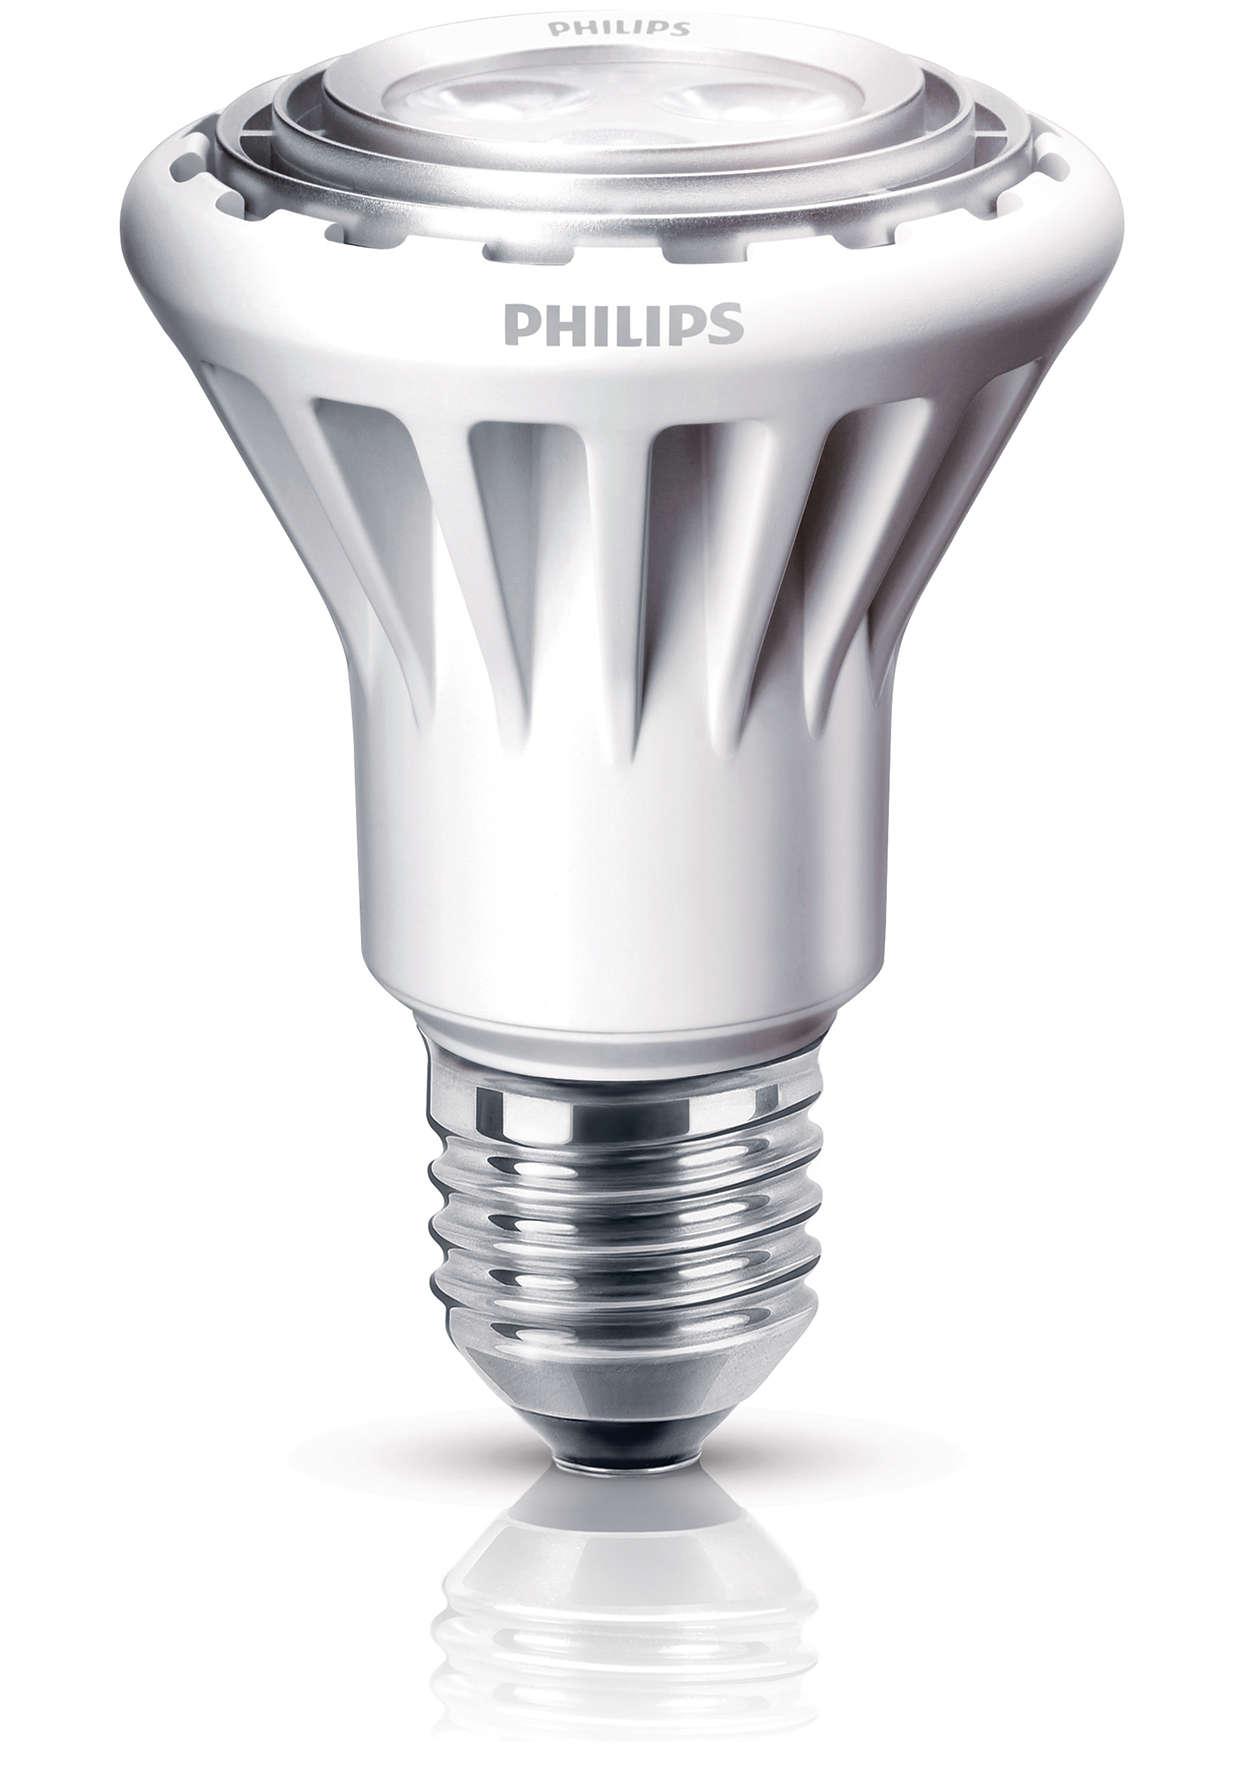 Tanıdık ışık demeti yenilikçi tasarımla buluşuyor